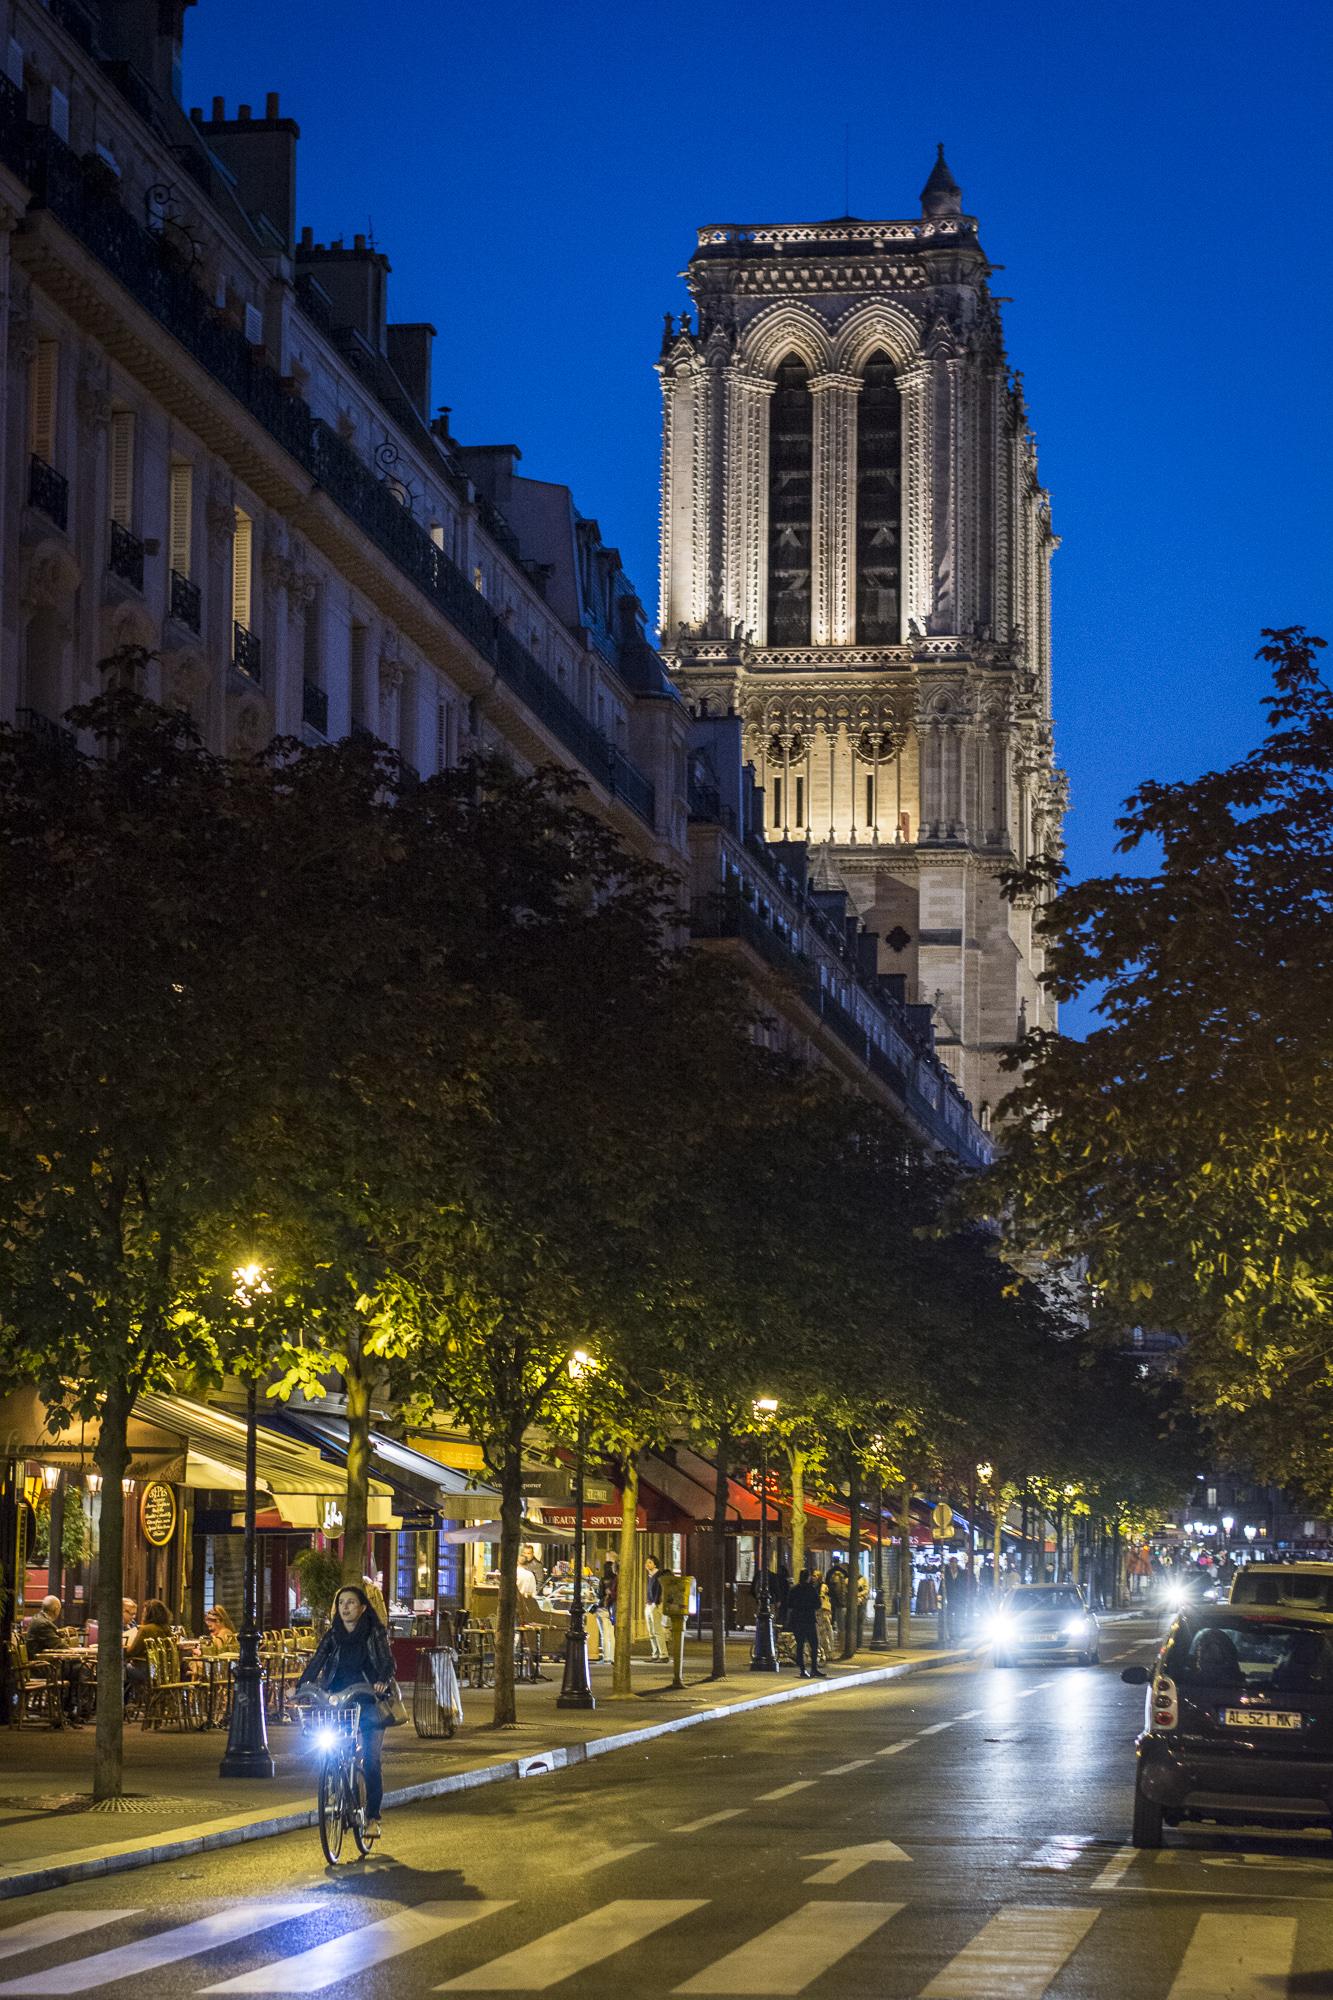 Rue d'Arcole  PHOTOGRAPHY : ALEXANDER J.E. BRADLEY •Nikon D7100 • AF-S NIKKOR 50mm f/1.8G • F/2.8 • 1/60 •ISO 800